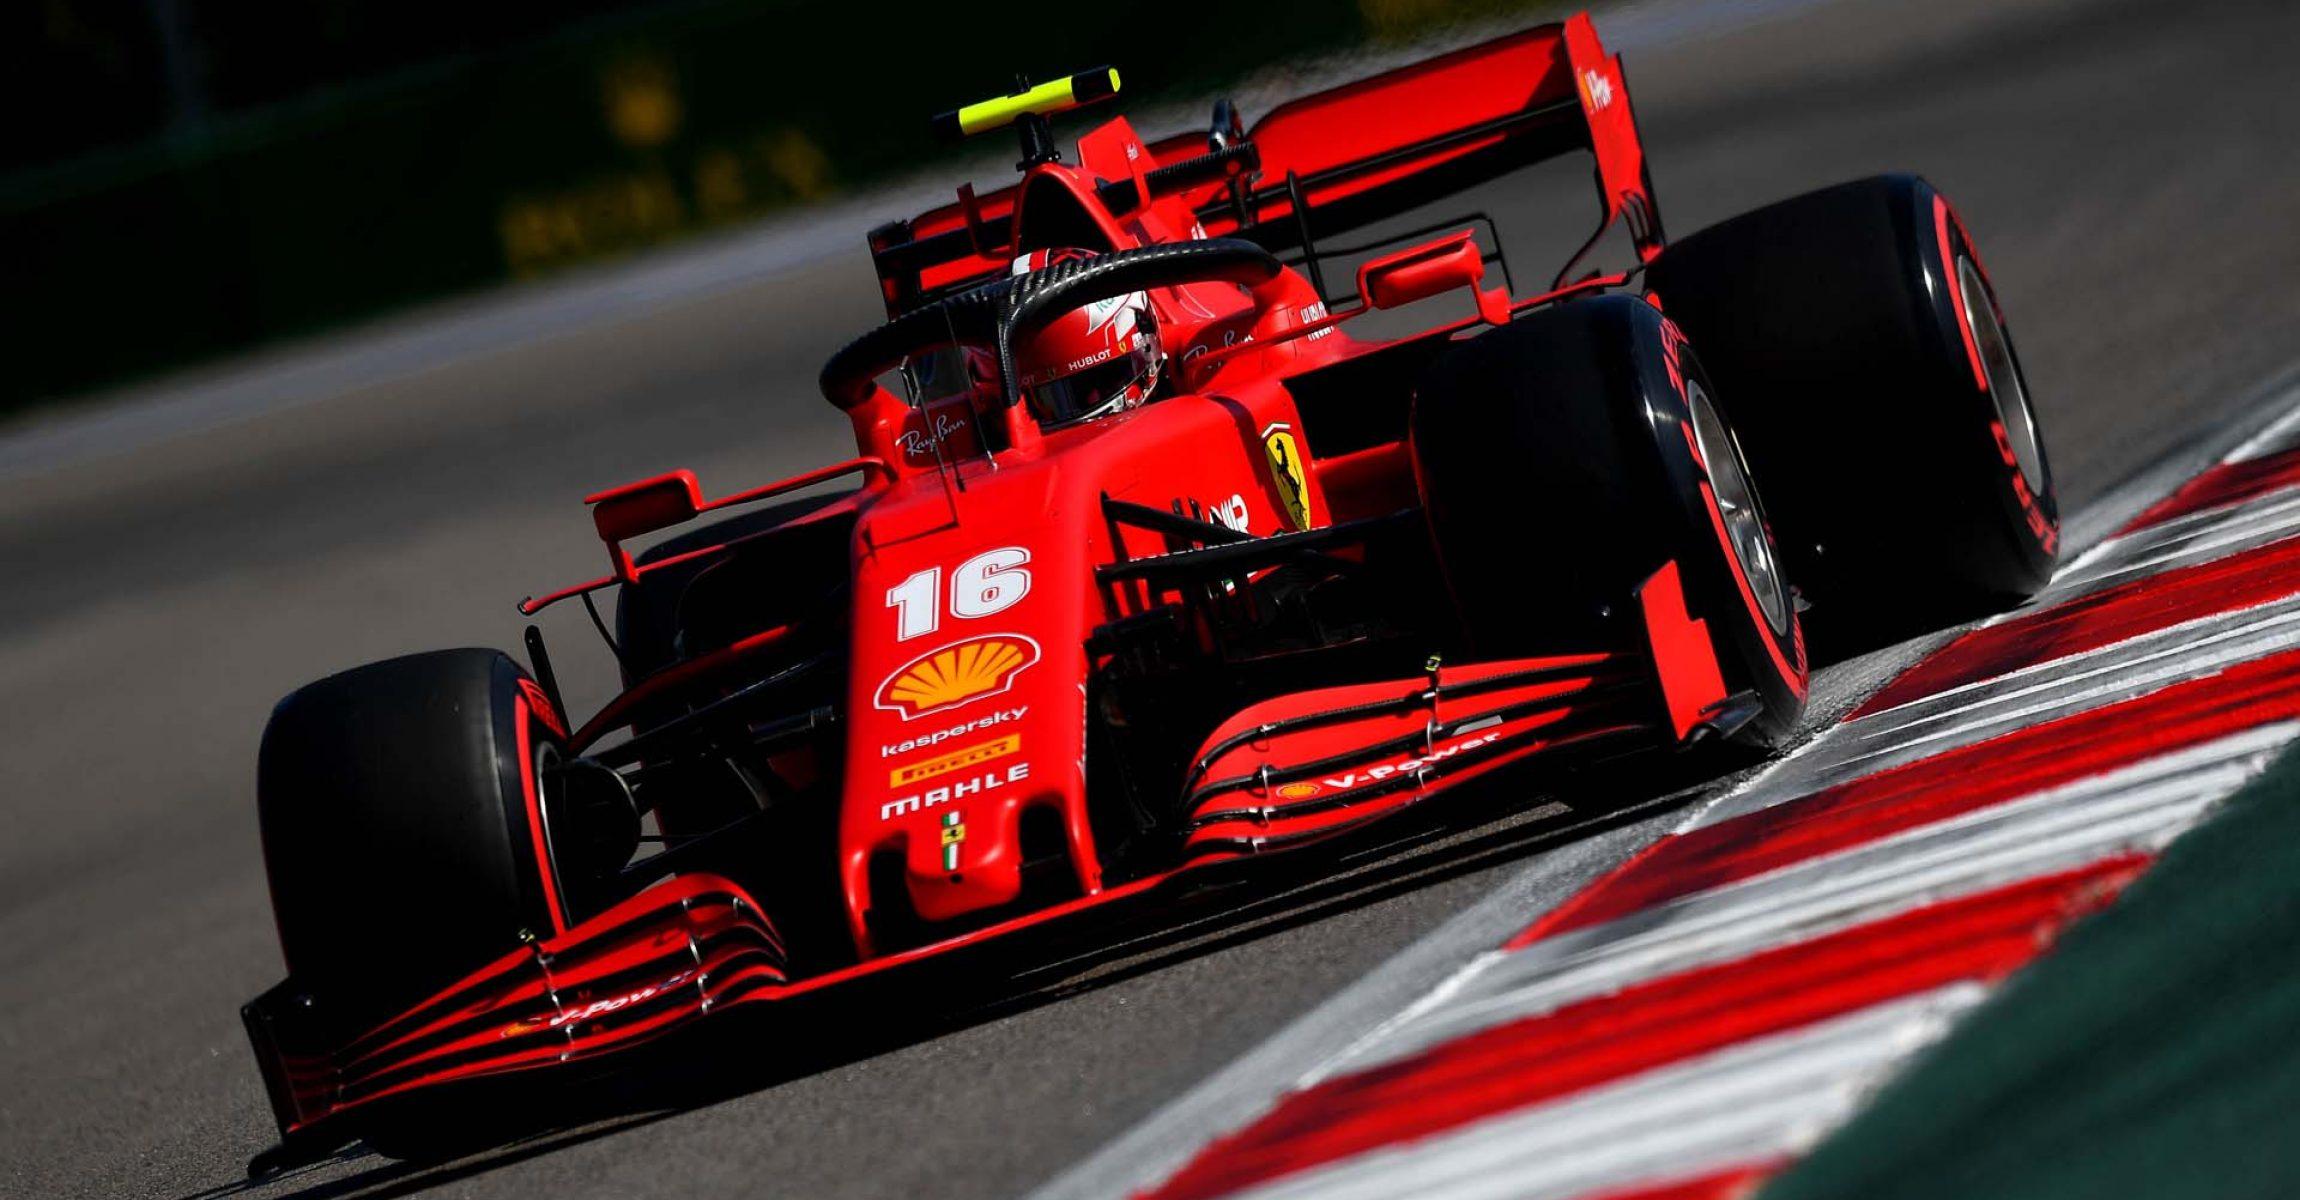 GP RUSSIA F1/2020 -  VENERDI 25/09/2020    credit: @Scuderia Ferrari Press Office Charles Leclerc Ferrari